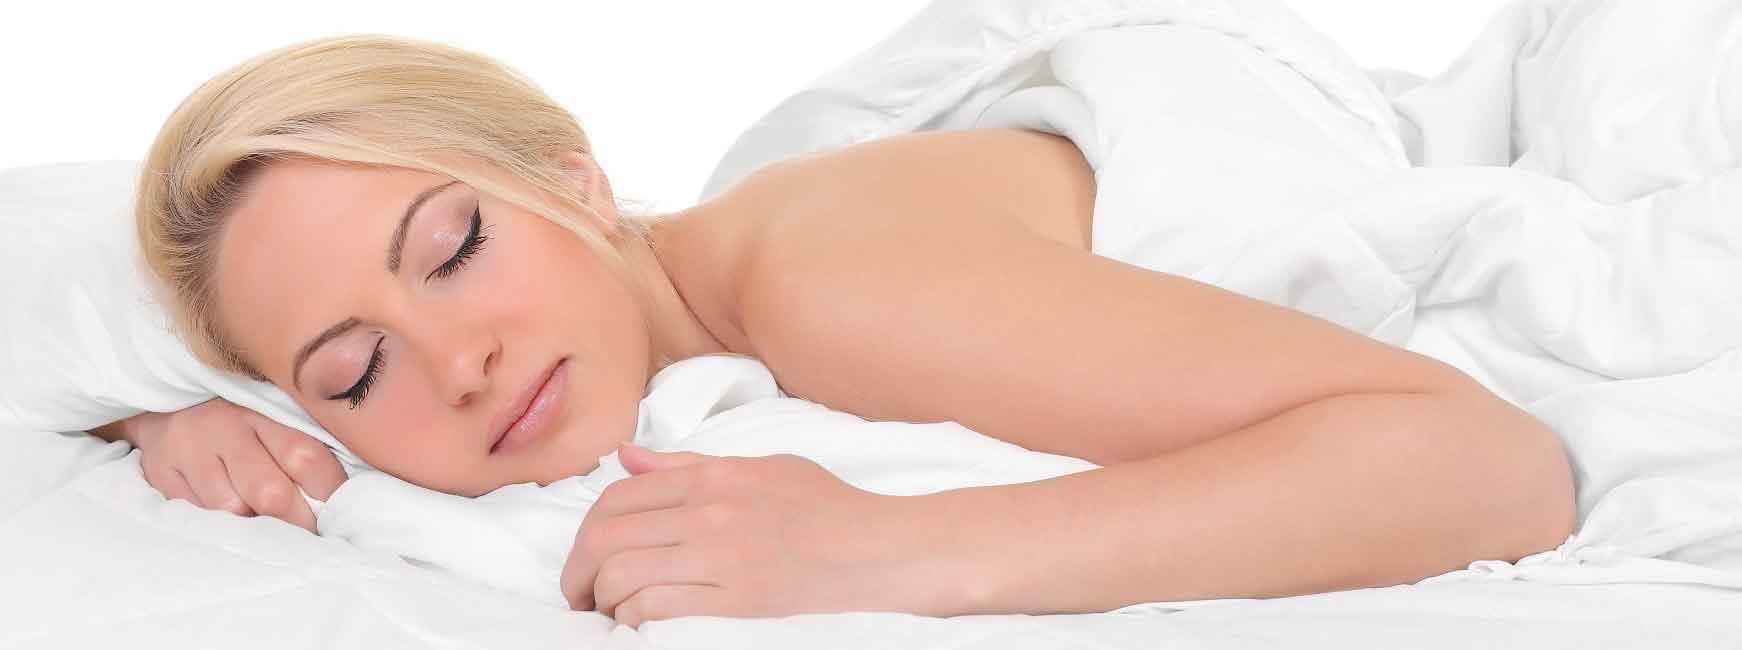 Hipnose para dormir